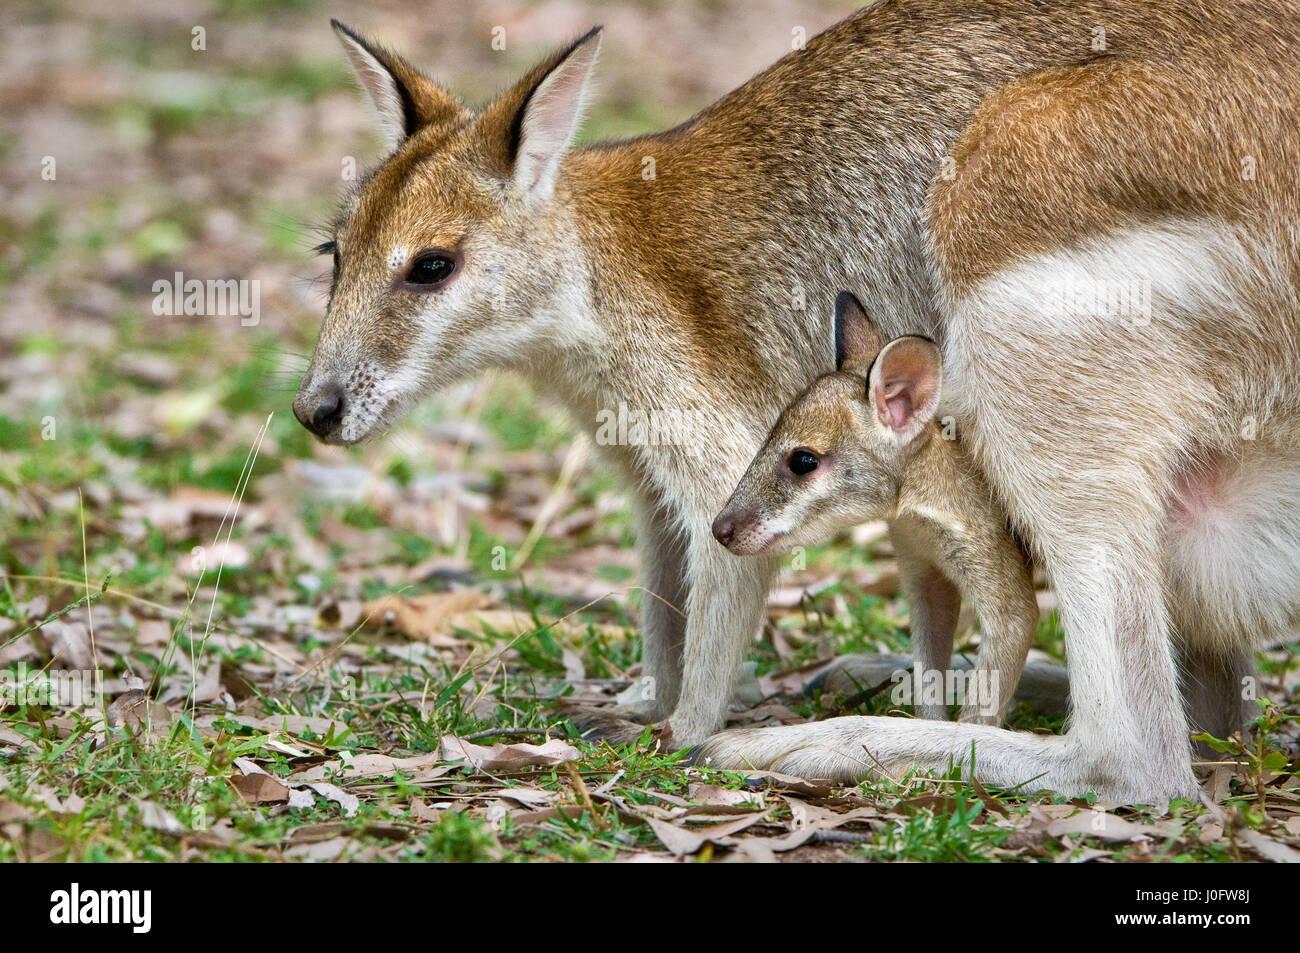 Agile Wallaby con joey in cerca della sacca. Immagini Stock